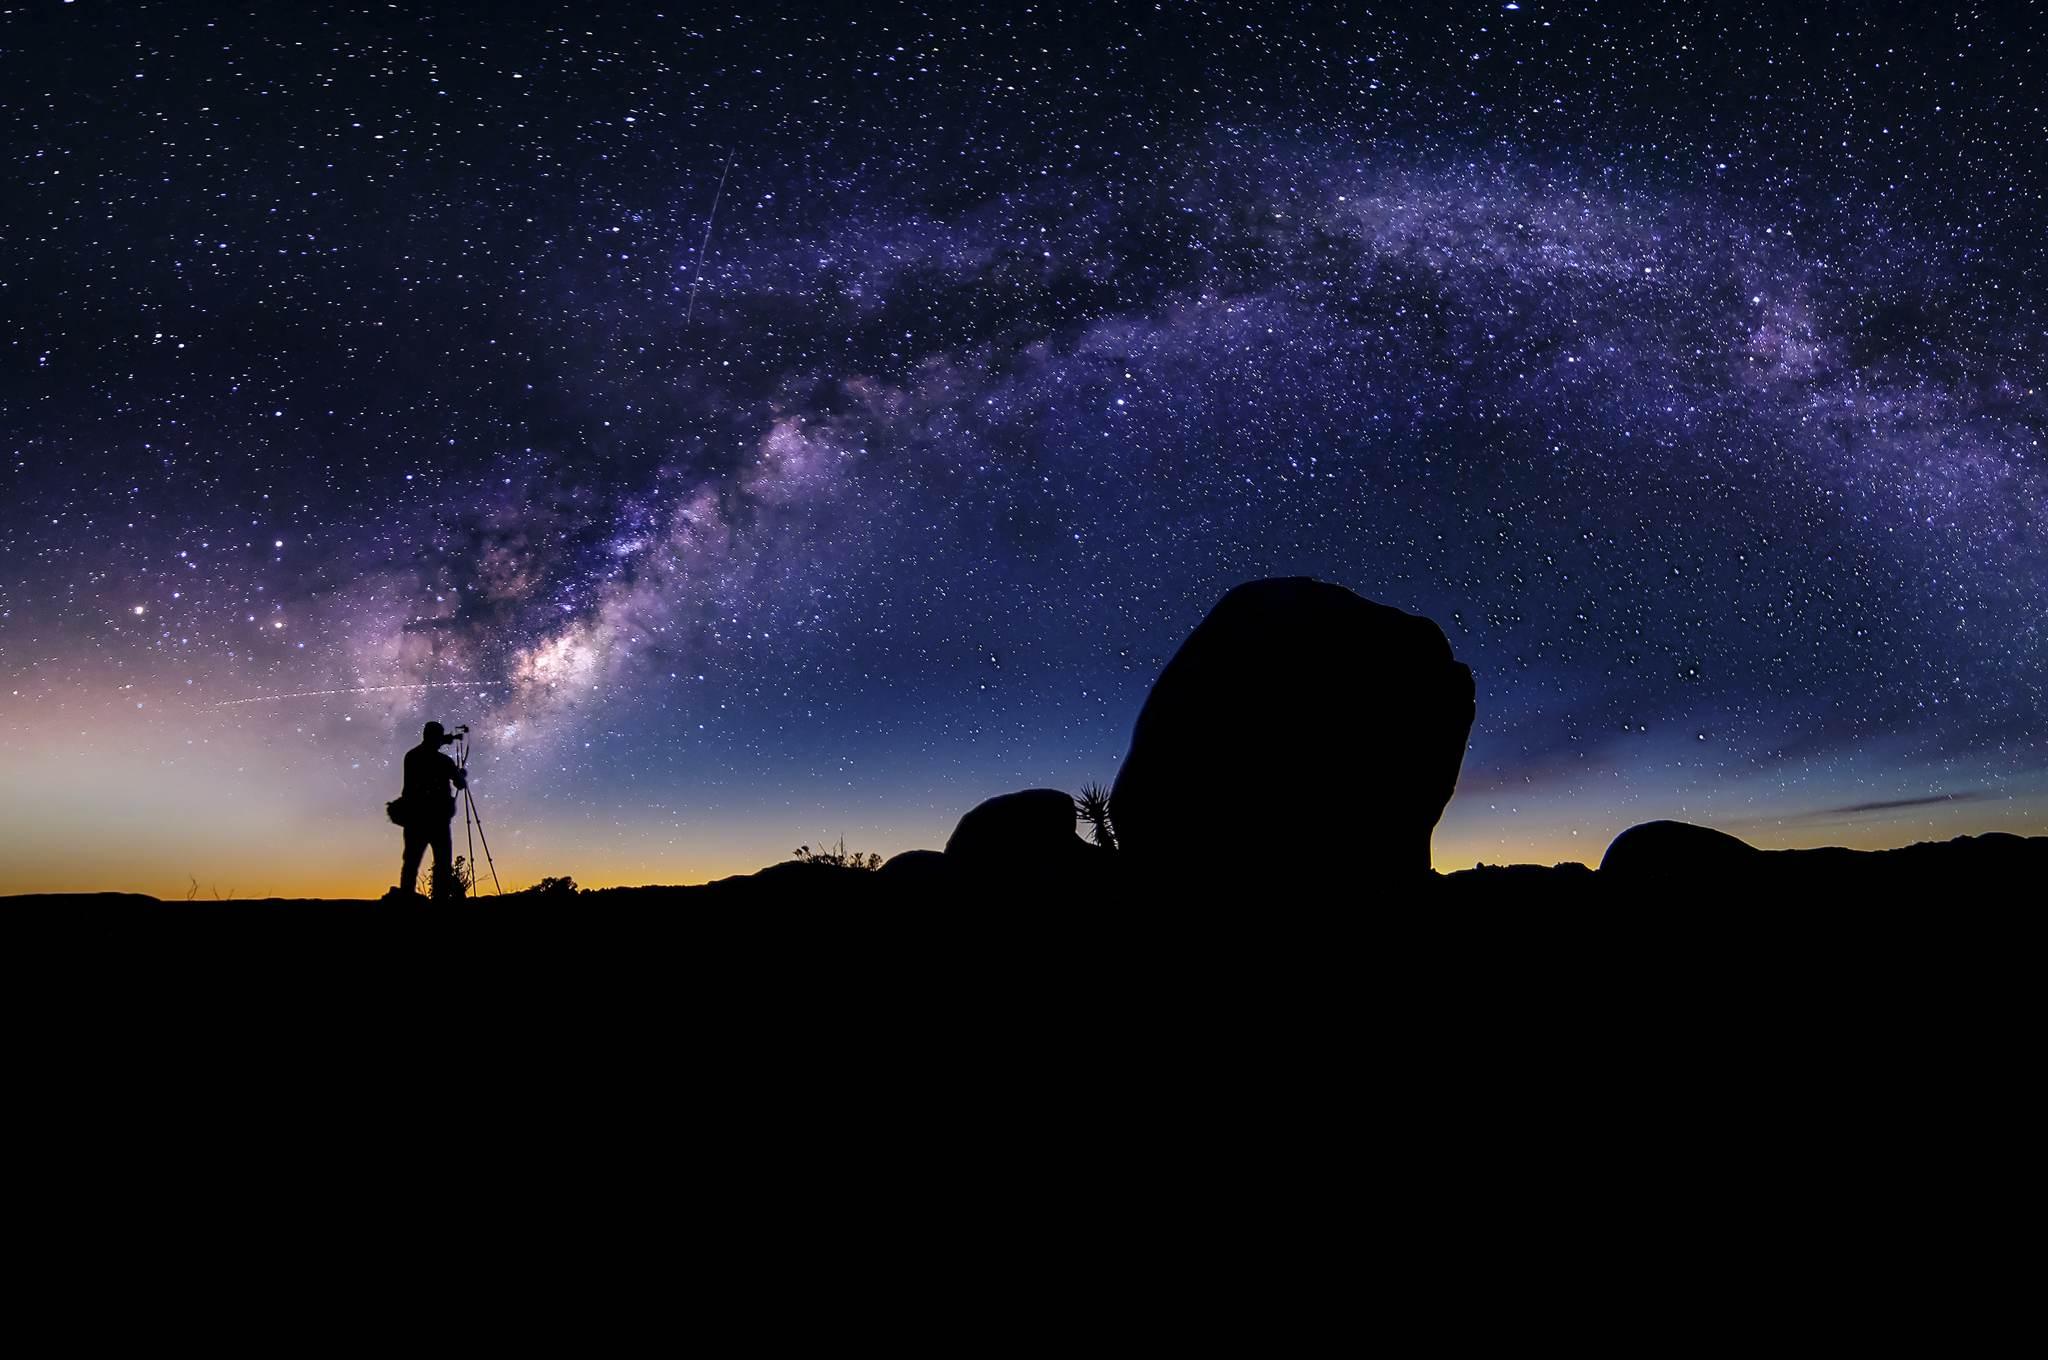 Die schönsten Fotomotive weltweit - Astrofotografie in der Wüste